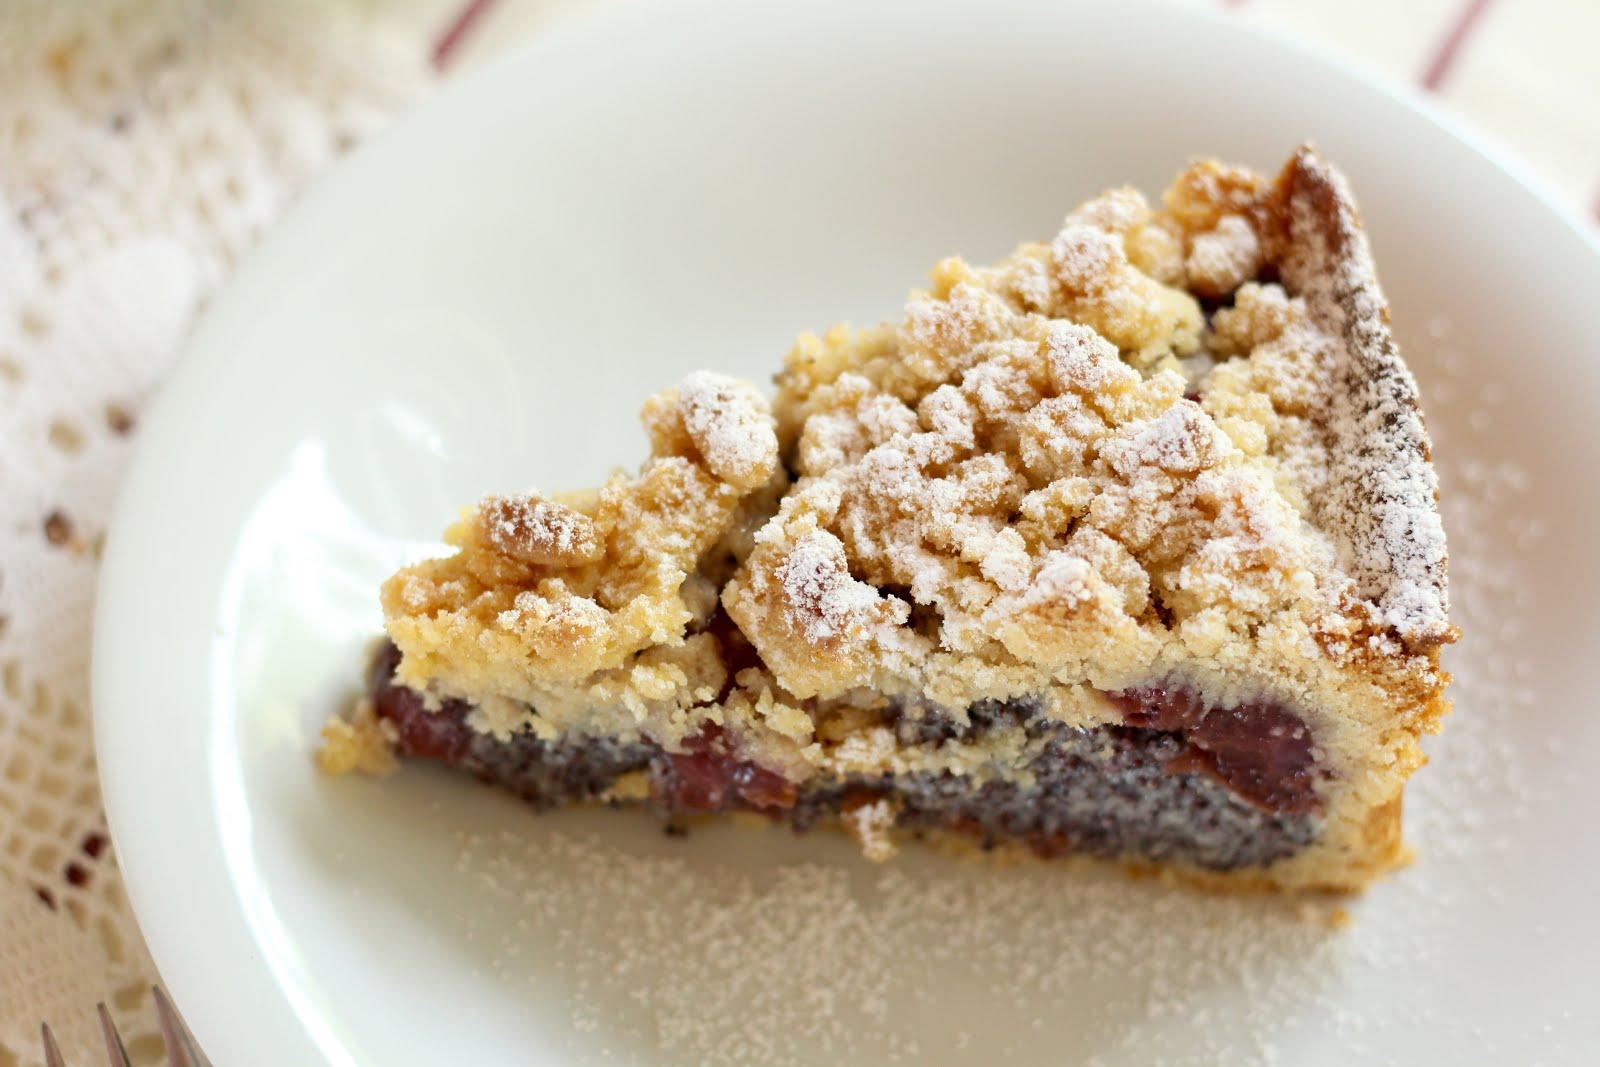 Schneller, super saftiger Mohn-Streuselkuchen mit Kirschen | Video und Rezept